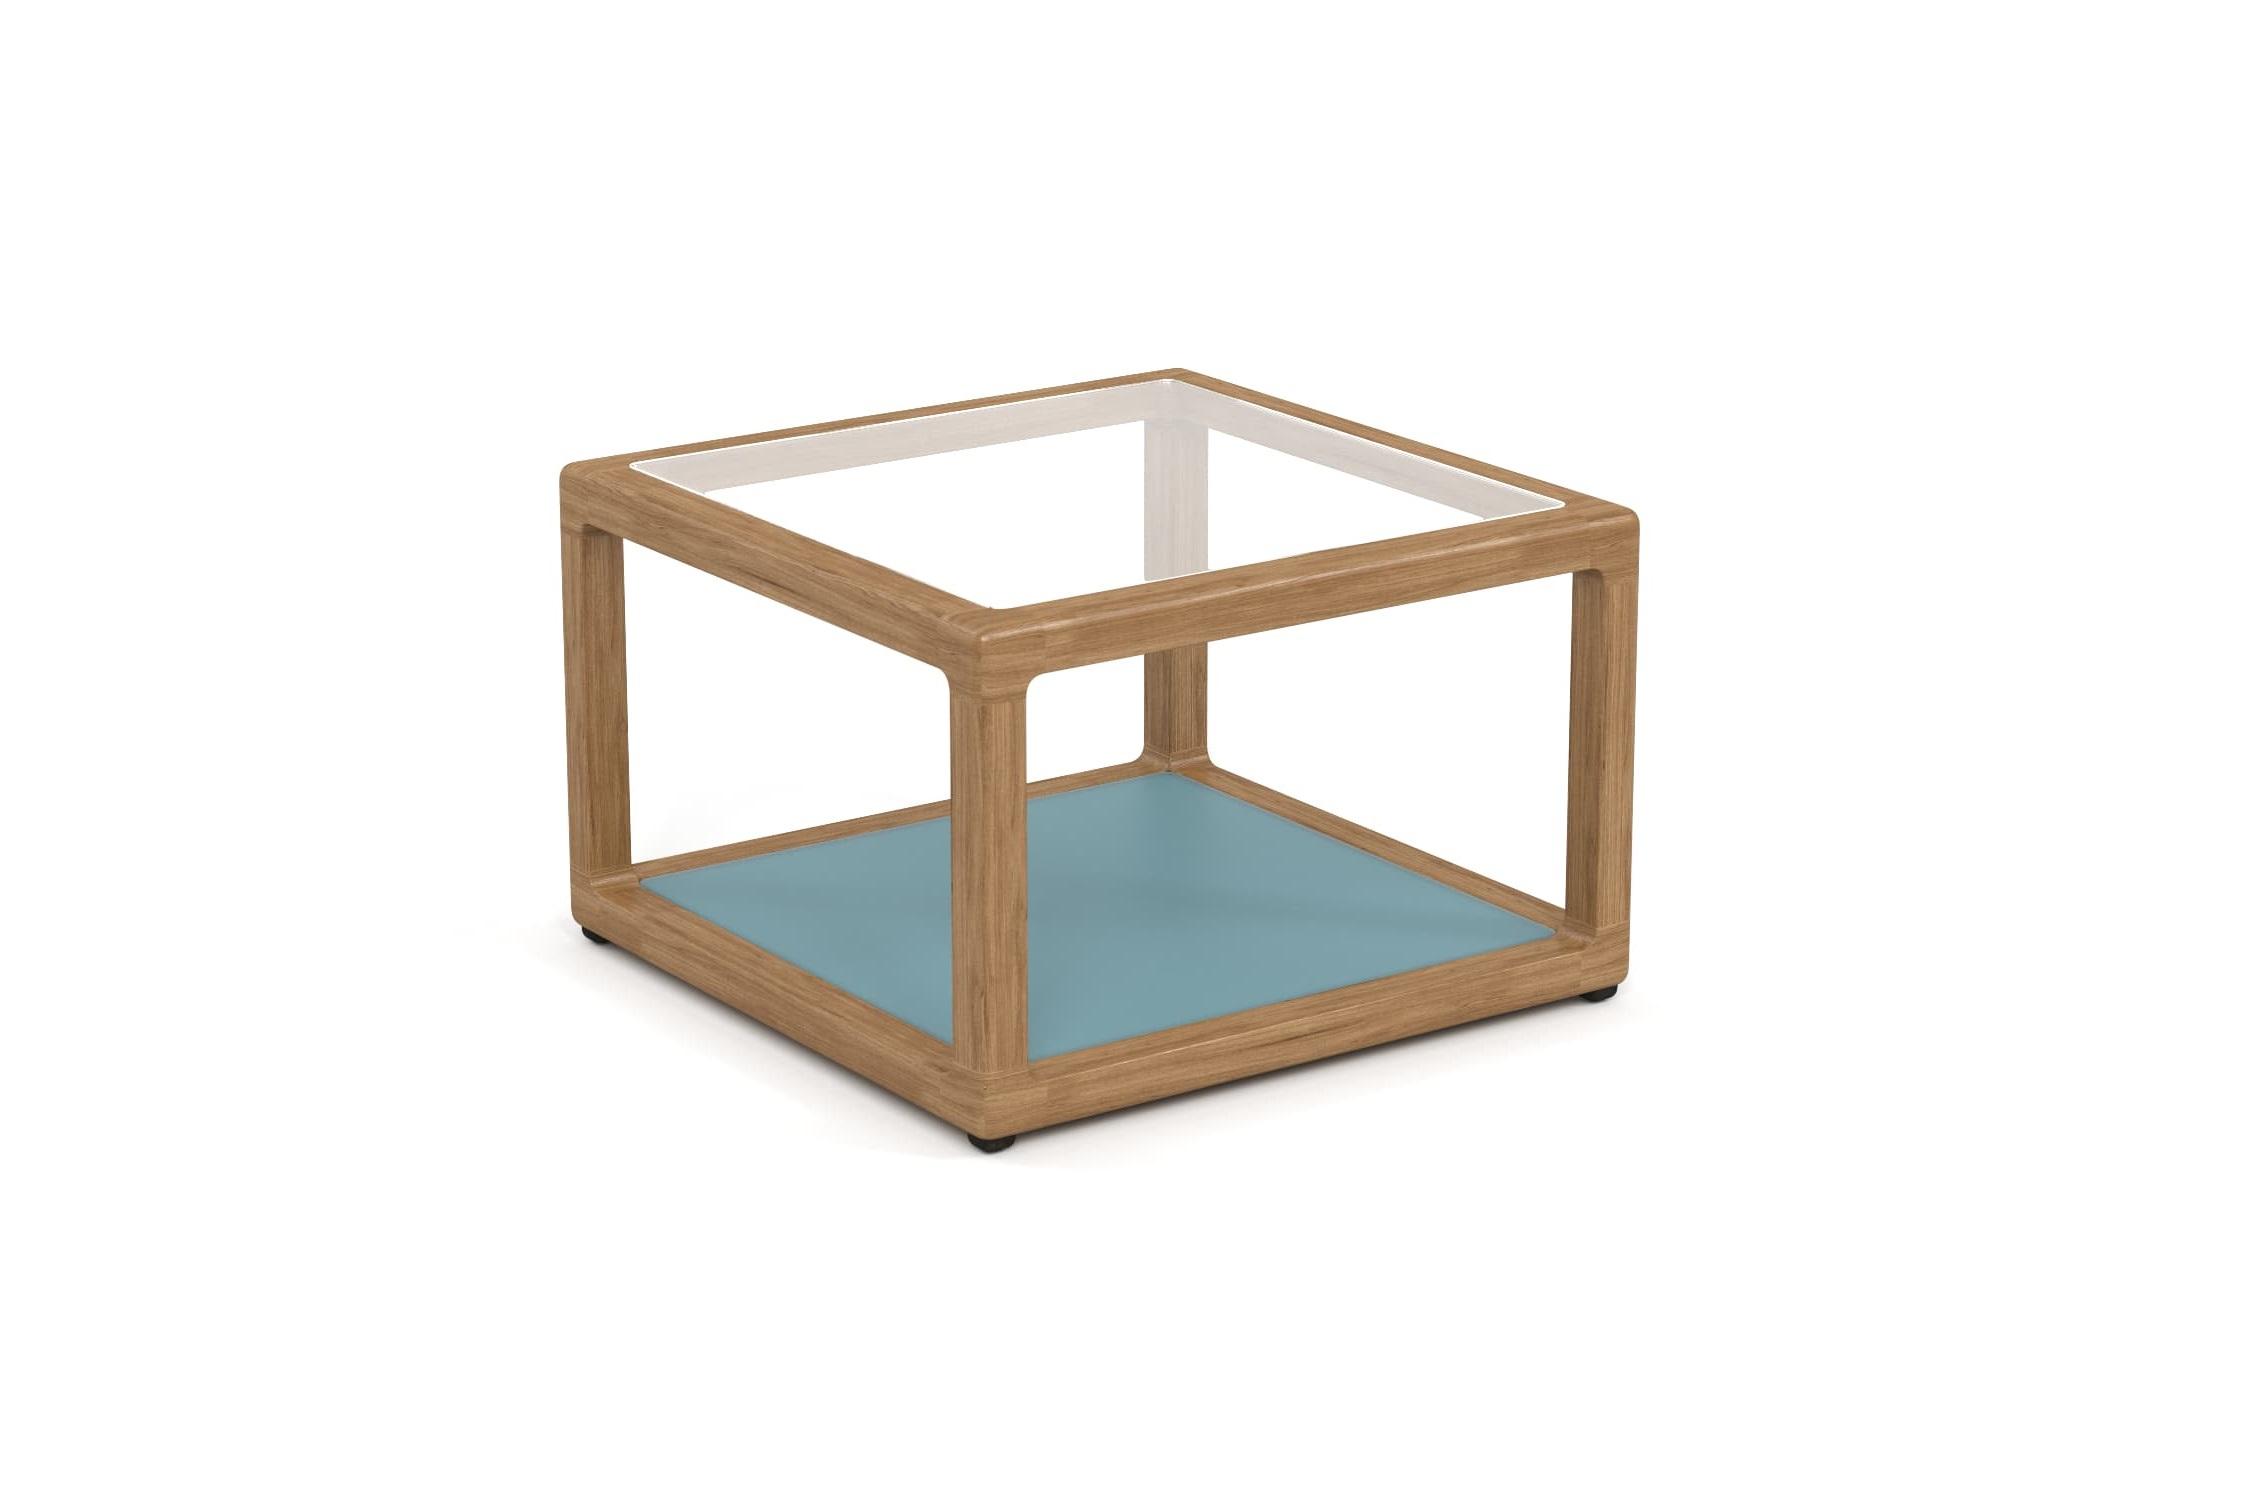 Стол журнальный SeagullСтолы и столики для сада<br>&amp;lt;div&amp;gt;Коллекция SEAGULL – воплощение природной простоты и естественного совершенства. Мебель привлекает тёплыми тонами, уникальностью материала и идеальными пропорциями. Стеклянные столешницы обеденных и журнальных столов по цвету гармонируют с тканью подушек, удобные диваны и «утопающие» кресла дарят ощущения спокойствия и комфорта.&amp;amp;nbsp;&amp;lt;/div&amp;gt;&amp;lt;div&amp;gt;&amp;lt;br&amp;gt;&amp;lt;/div&amp;gt;&amp;lt;div&amp;gt;Тик – прочная и твердая древесина, относится к ценным породам. Имеет темно-золотистый цвет и сохраняет его на протяжении очень длительного срока. Со временем приобретает благородный темно-серый или темно-коричневый цвет. Благодаря высокому содержанию природных масел, обладает высокой стойкостью против гниения, кислот и щелочей, не вызывает коррозию металлов. Тик содержит кислоты кремния и танина, придающие материалу стойкость к воздействию вредных внешних факторов. Древесина тика не подвержена воздействию термитов, не требует дополнительной антибактериальной обработки. Мебель из тика допускает круглогодичную эксплуатацию на открытом воздухе, выдерживает перепады температур от –30 до +30С. Срок службы более 25 лет.&amp;lt;/div&amp;gt;&amp;lt;div&amp;gt;&amp;lt;br&amp;gt;&amp;lt;/div&amp;gt;&amp;lt;div&amp;gt;Вся фурнитура изготовлена из нержавеющей стали на собственном производстве.&amp;amp;nbsp;&amp;lt;/div&amp;gt;&amp;lt;div&amp;gt;&amp;lt;br&amp;gt;&amp;lt;/div&amp;gt;<br><br>&amp;lt;iframe width=&amp;quot;530&amp;quot; height=&amp;quot;300&amp;quot; src=&amp;quot;https://www.youtube.com/embed/uL9Kujh07kc&amp;quot; frameborder=&amp;quot;0&amp;quot; allowfullscreen=&amp;quot;&amp;quot;&amp;gt;&amp;lt;/iframe&amp;gt;<br><br>Material: Тик<br>Ширина см: 60.0<br>Высота см: 40.0<br>Глубина см: 60.0